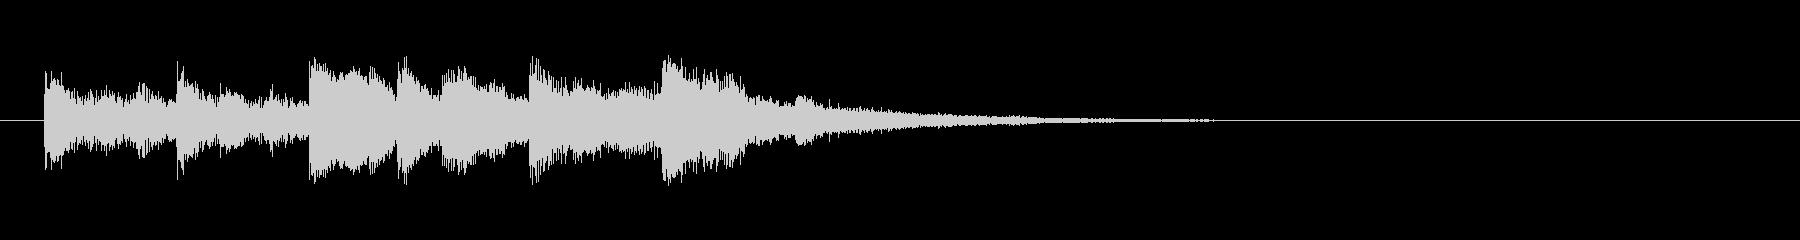 【ベース抜き】スタイリッシュな映像ロゴの未再生の波形